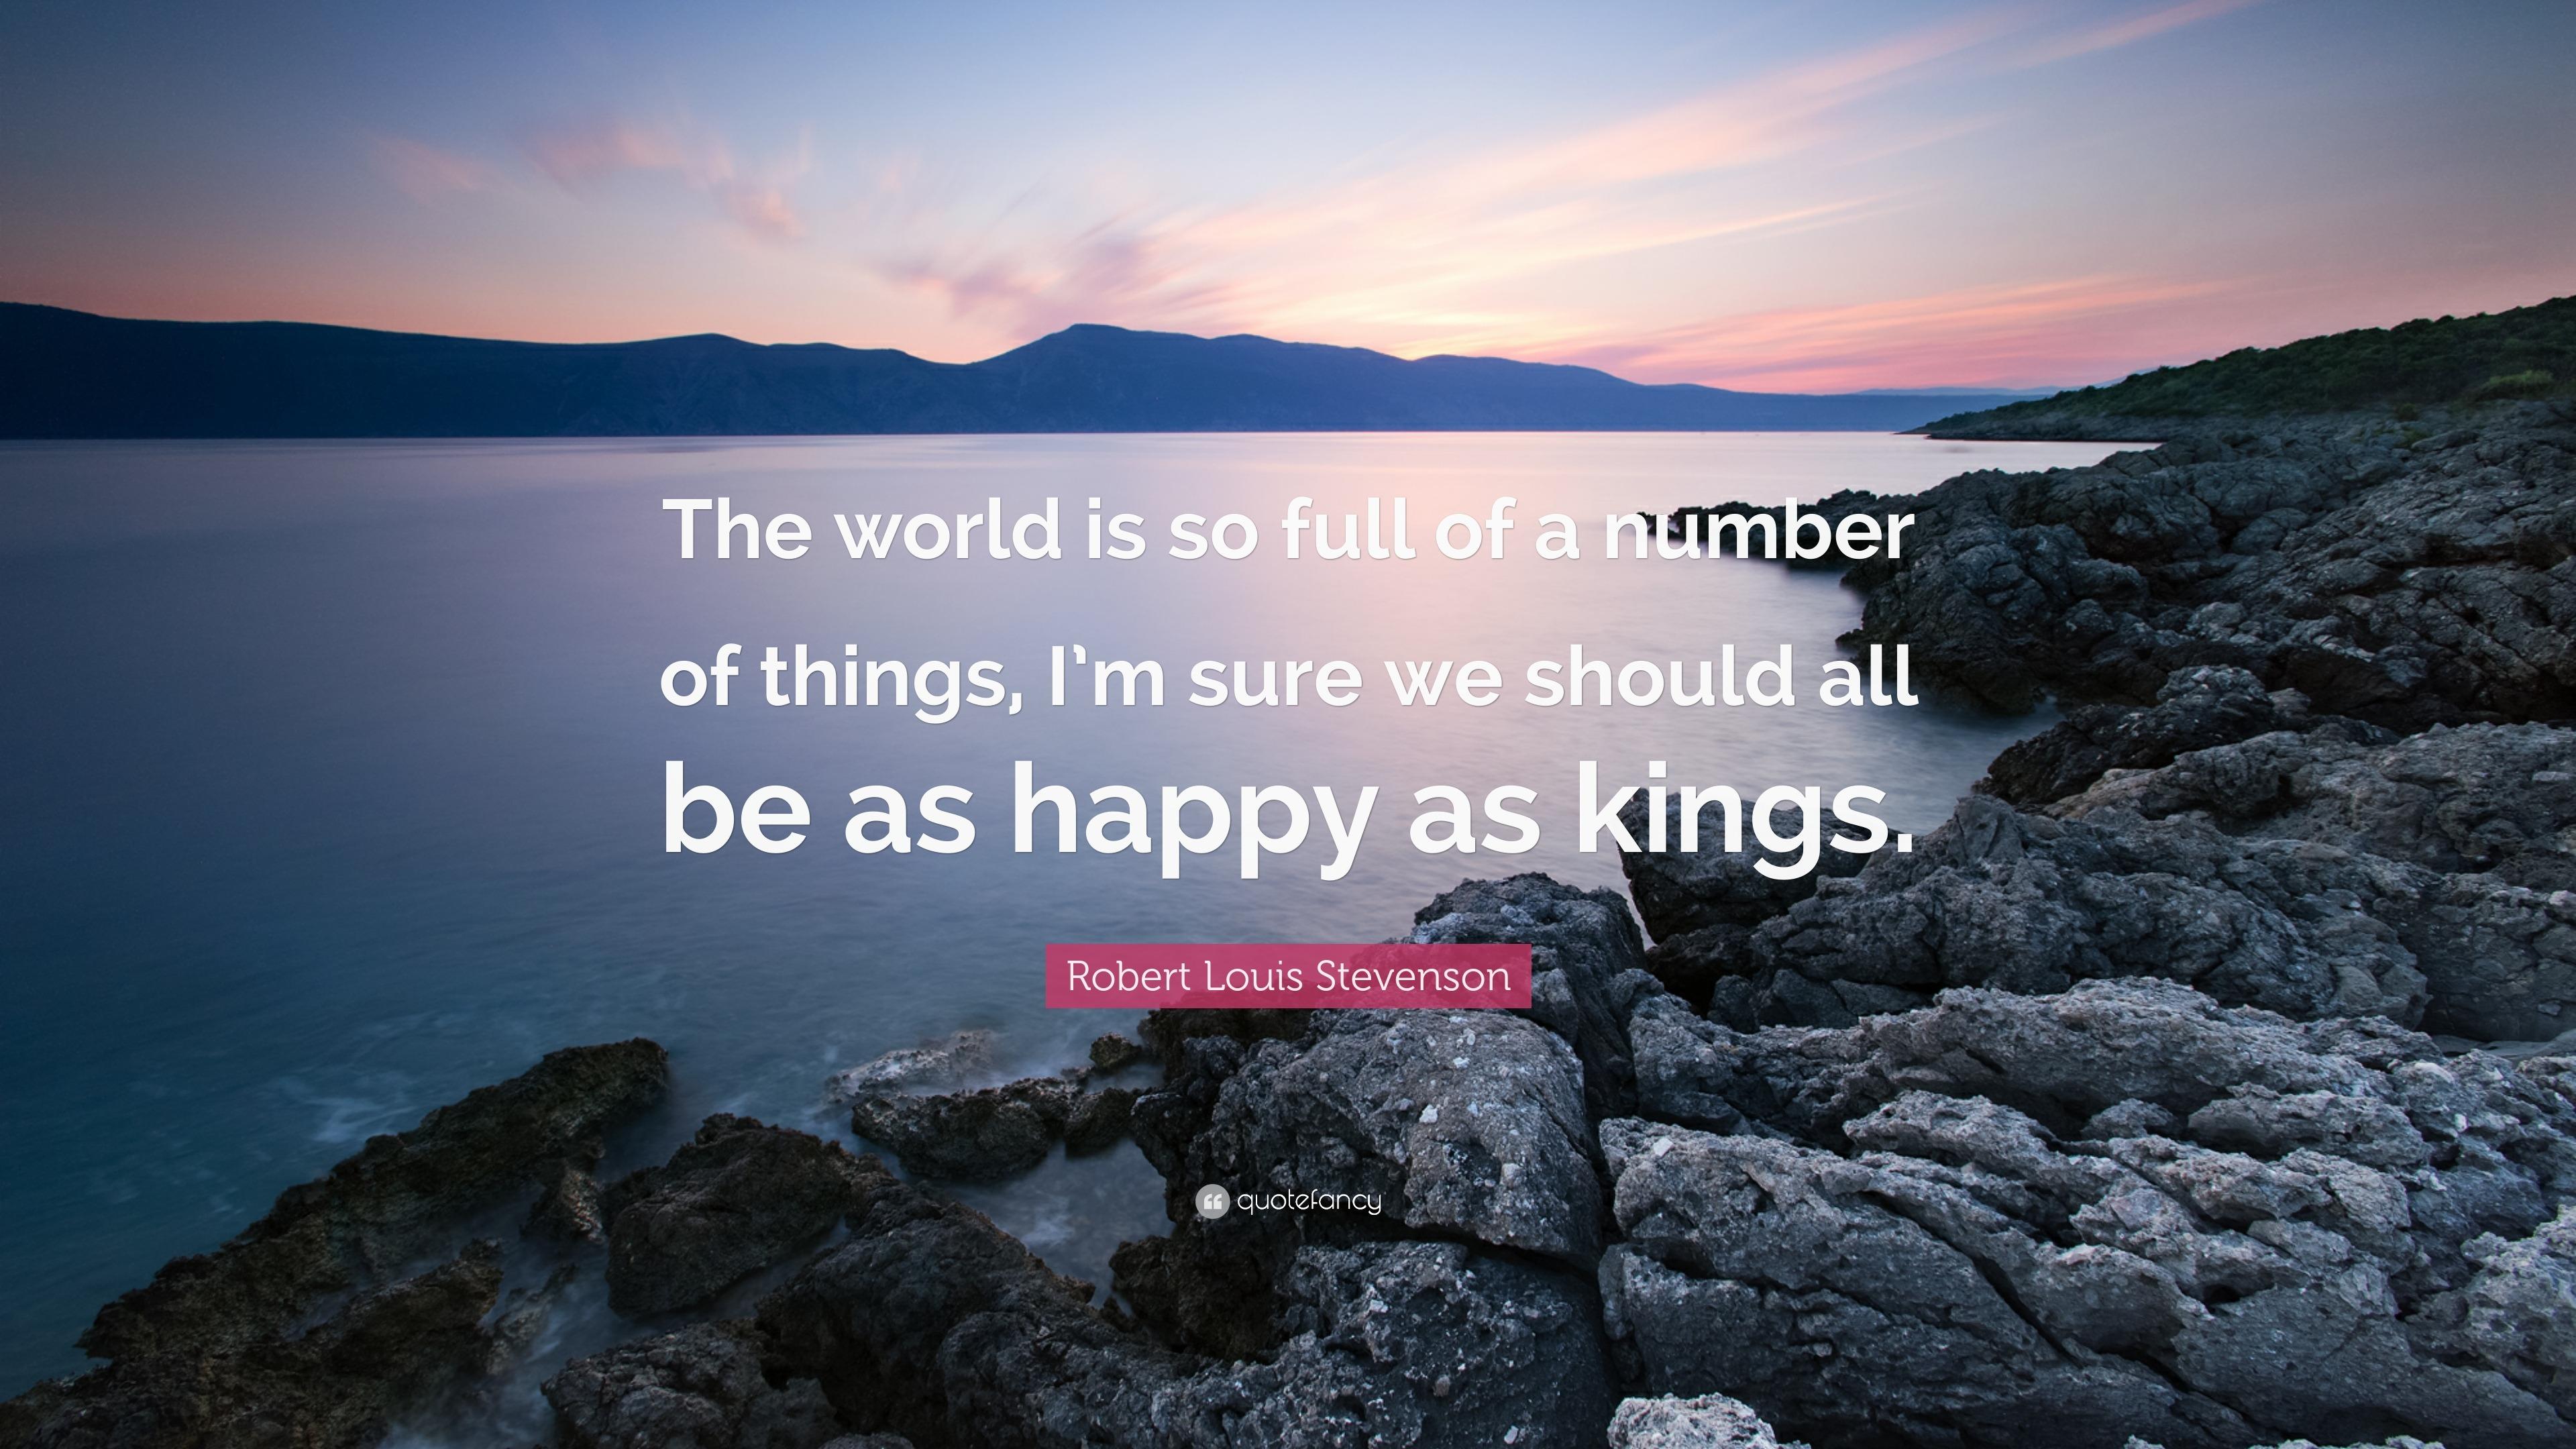 happy as kings